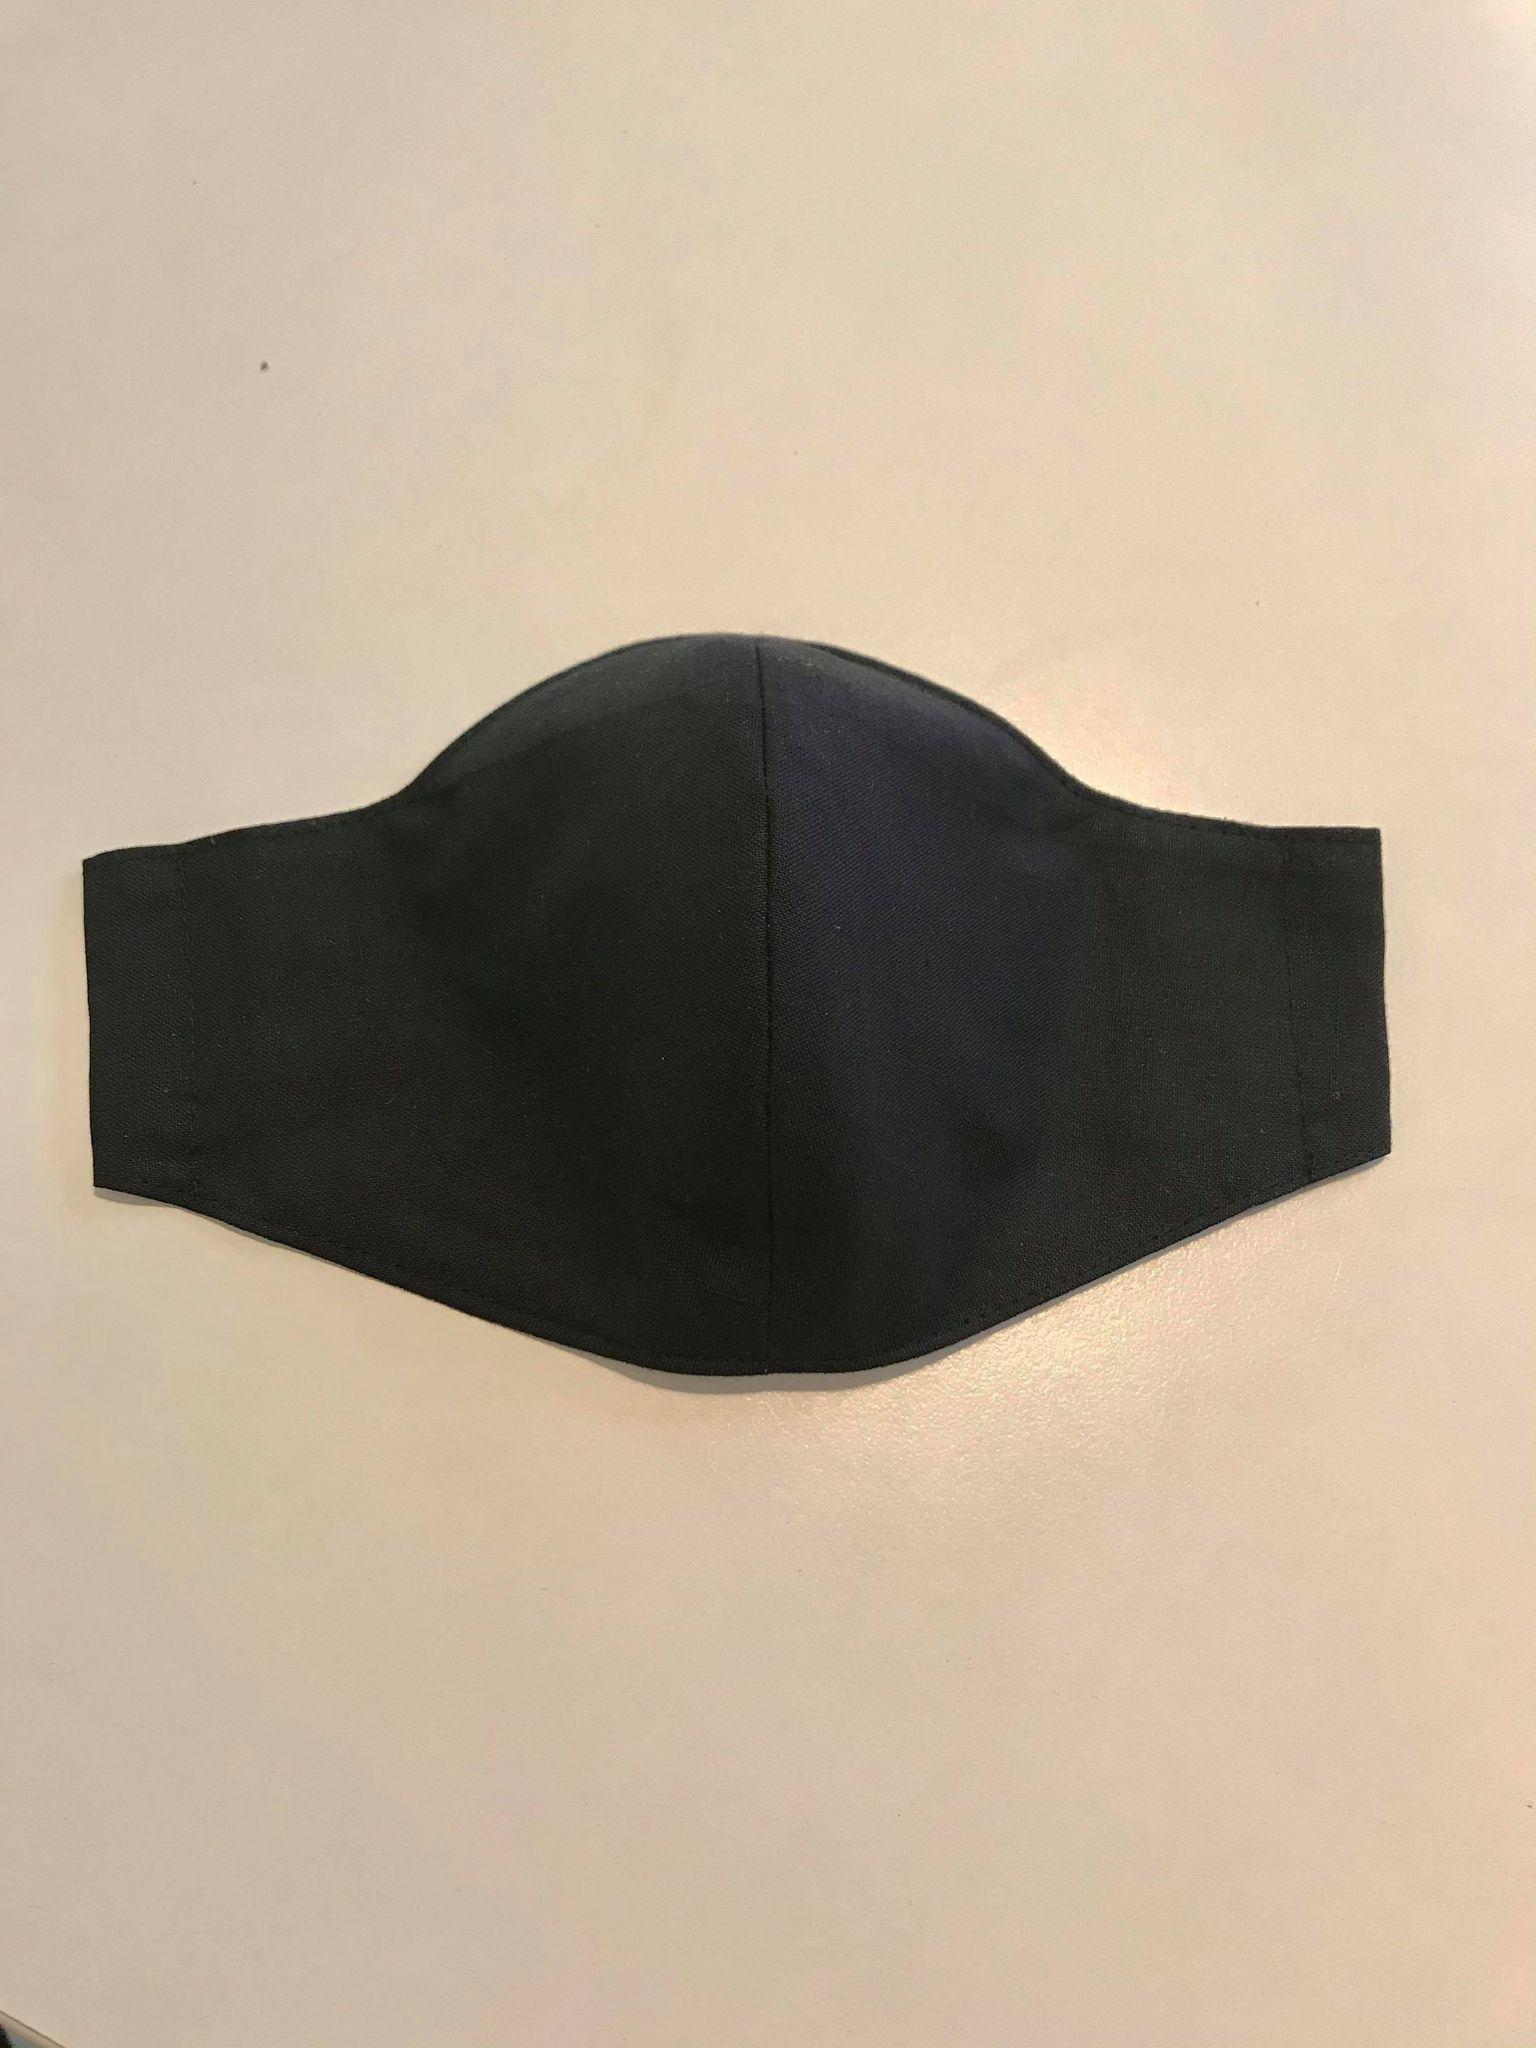 munskydd svart